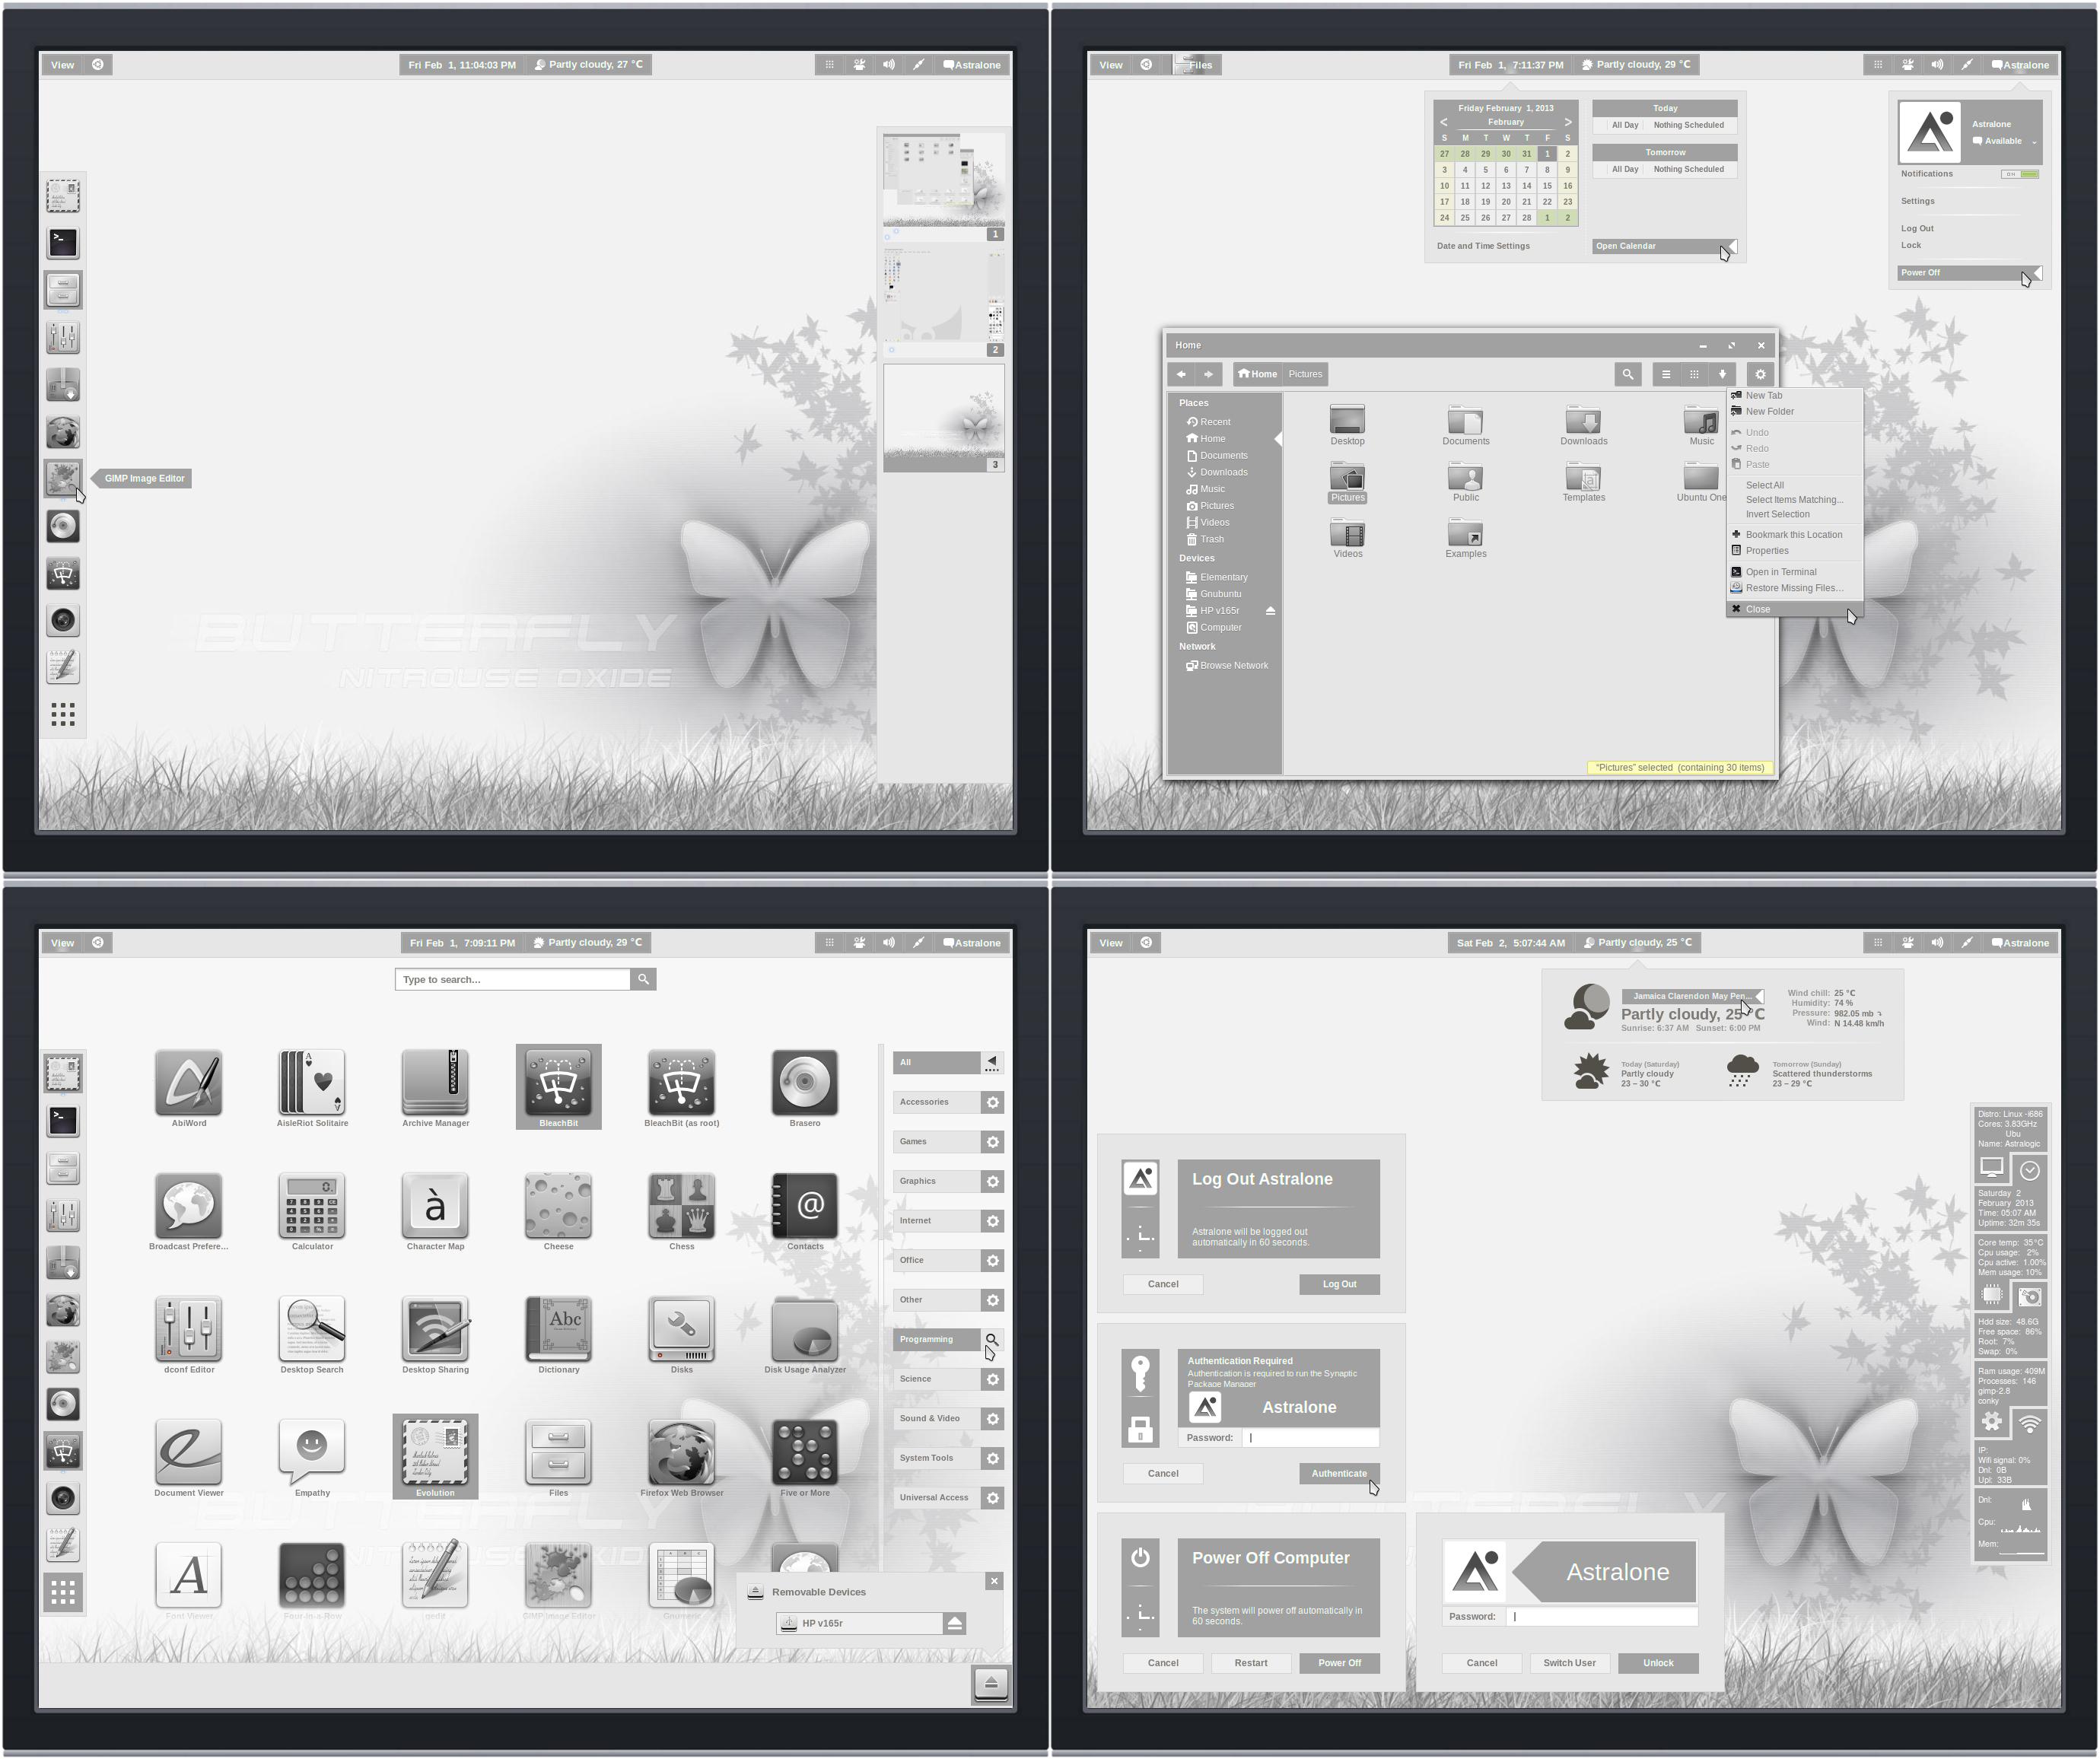 Gnome Shell ~ Panacea Mist Suite 3.6